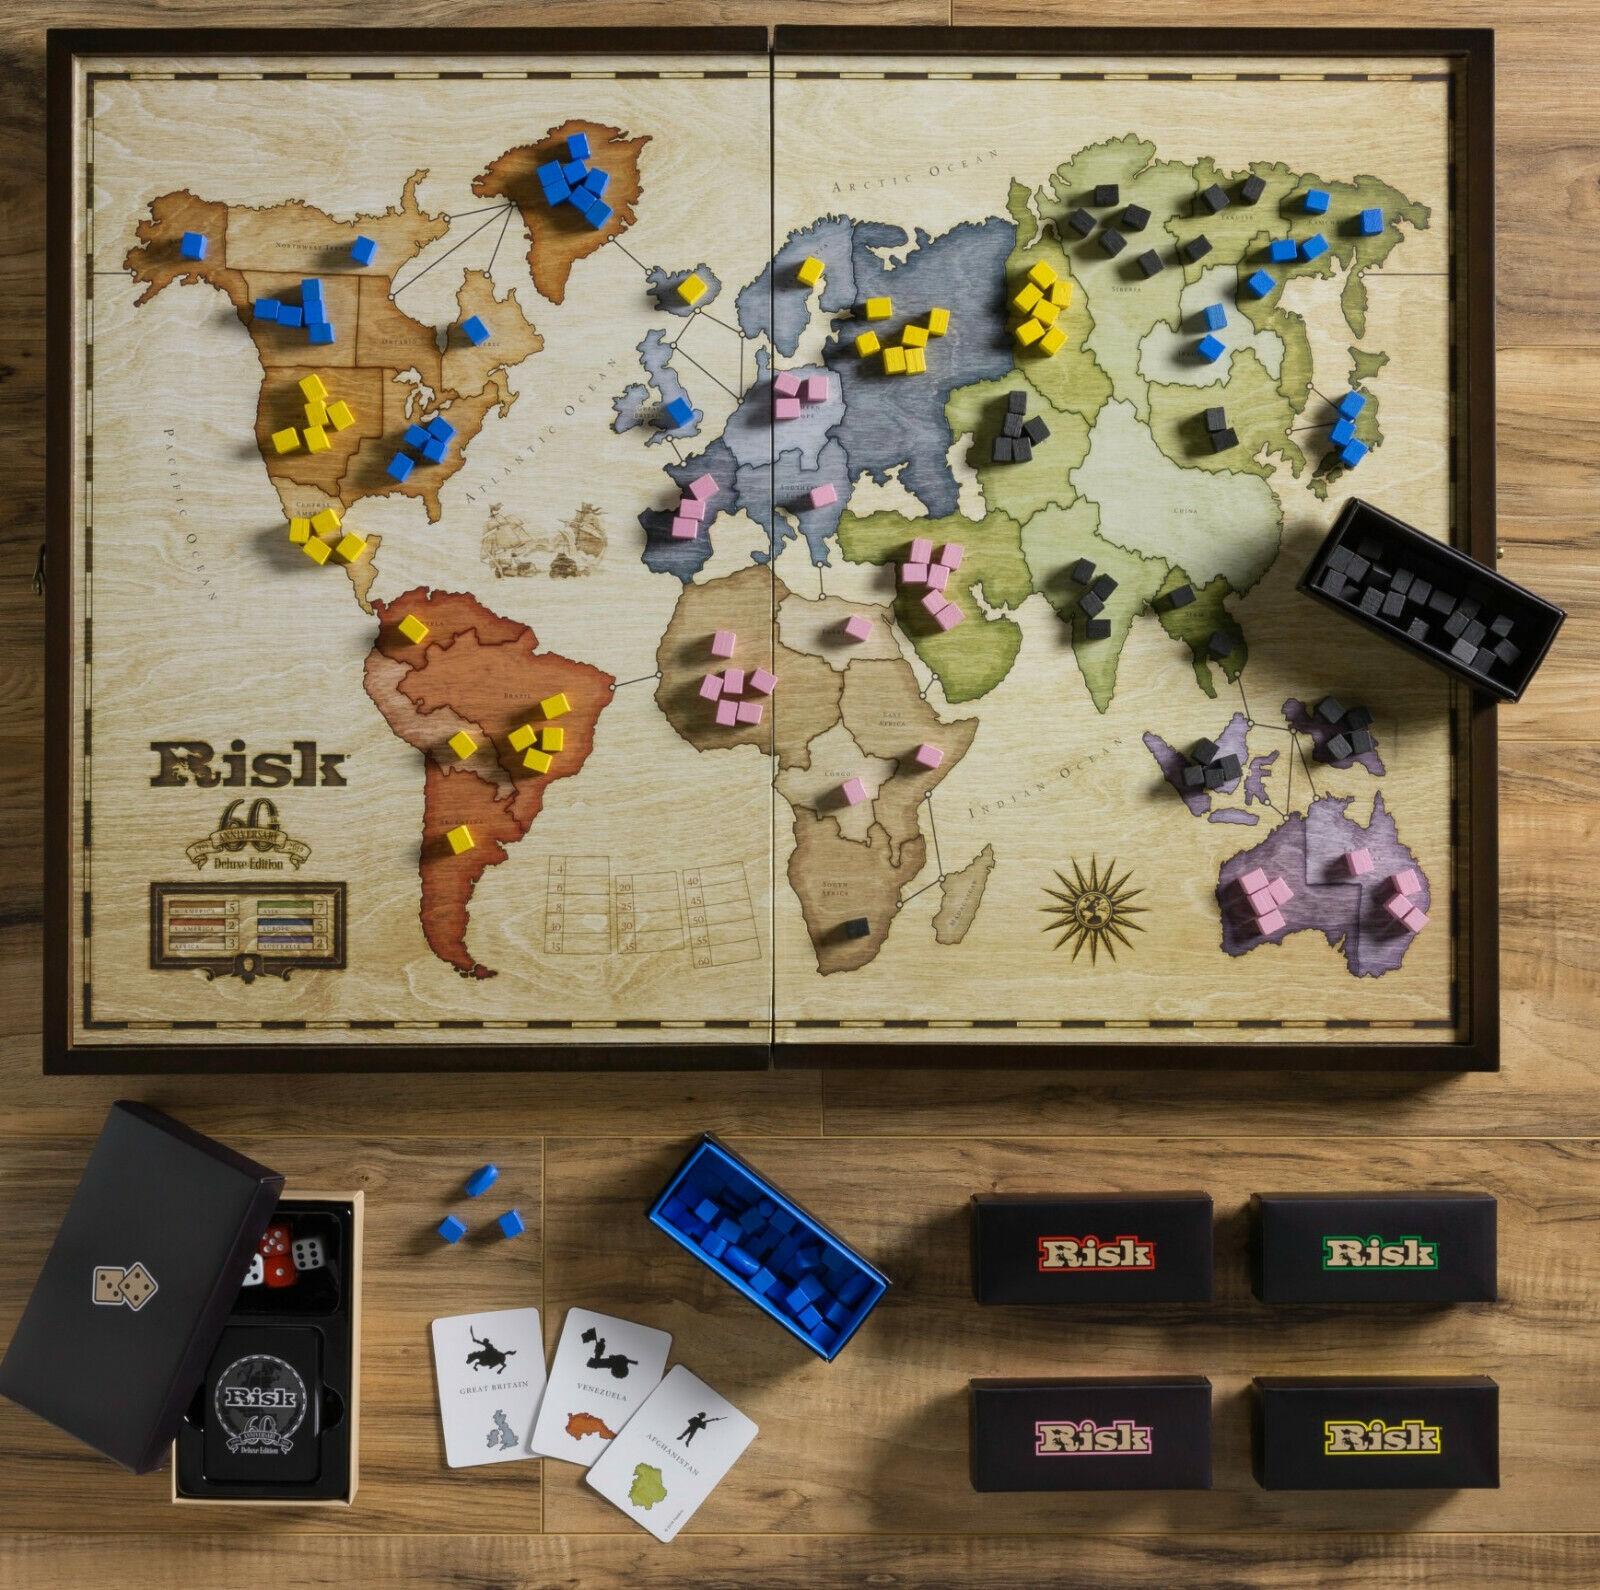 Winning Solutions Risk 60th  Anniversary Deluxe edizione Wooden tavola gioco  perfezionare